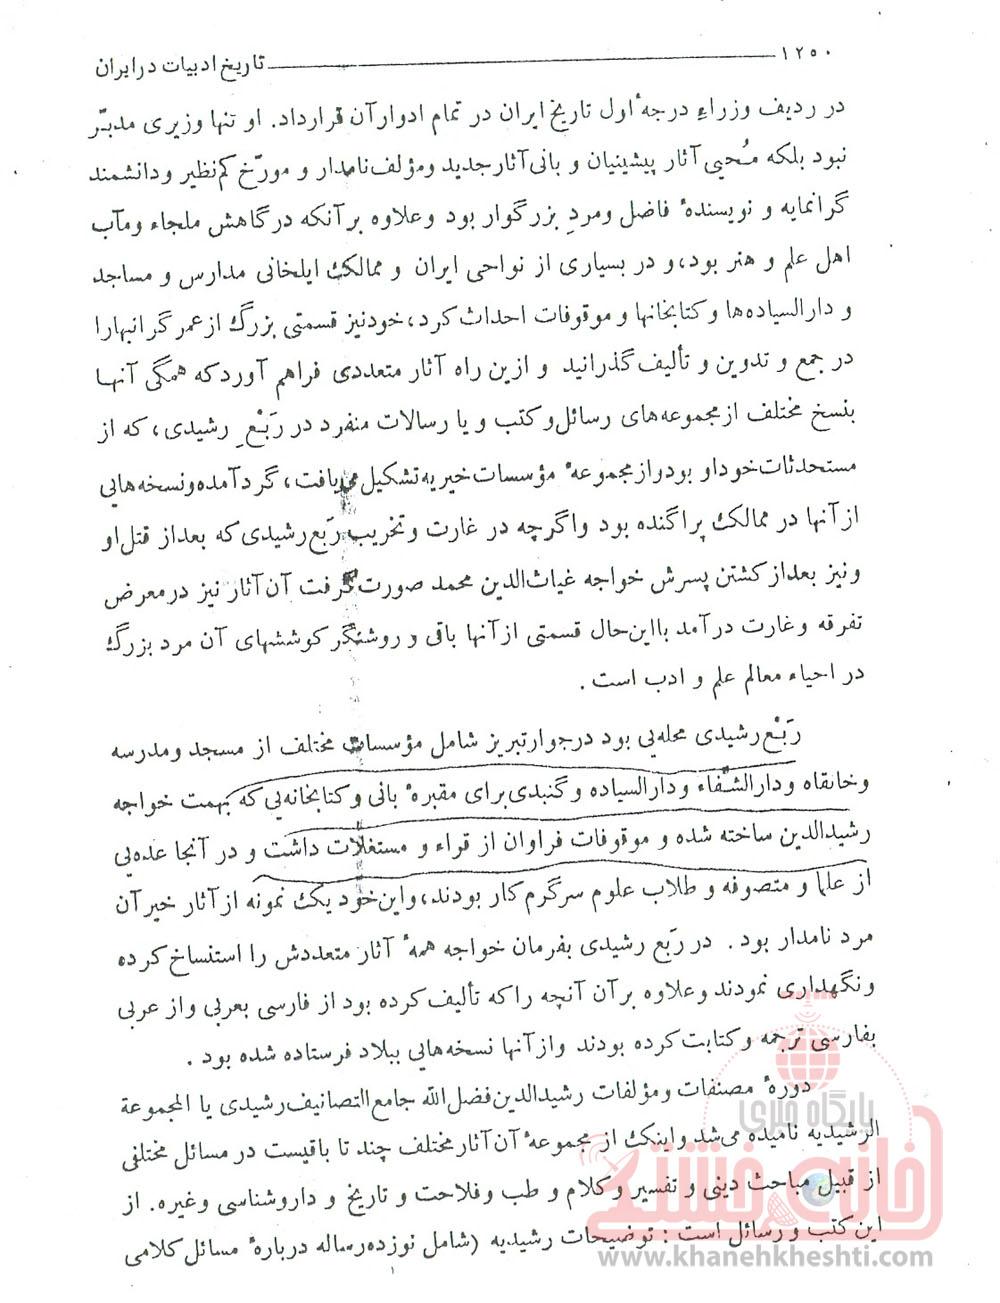 تصویر 2 کتاب تاریخ ادبیات در ایران